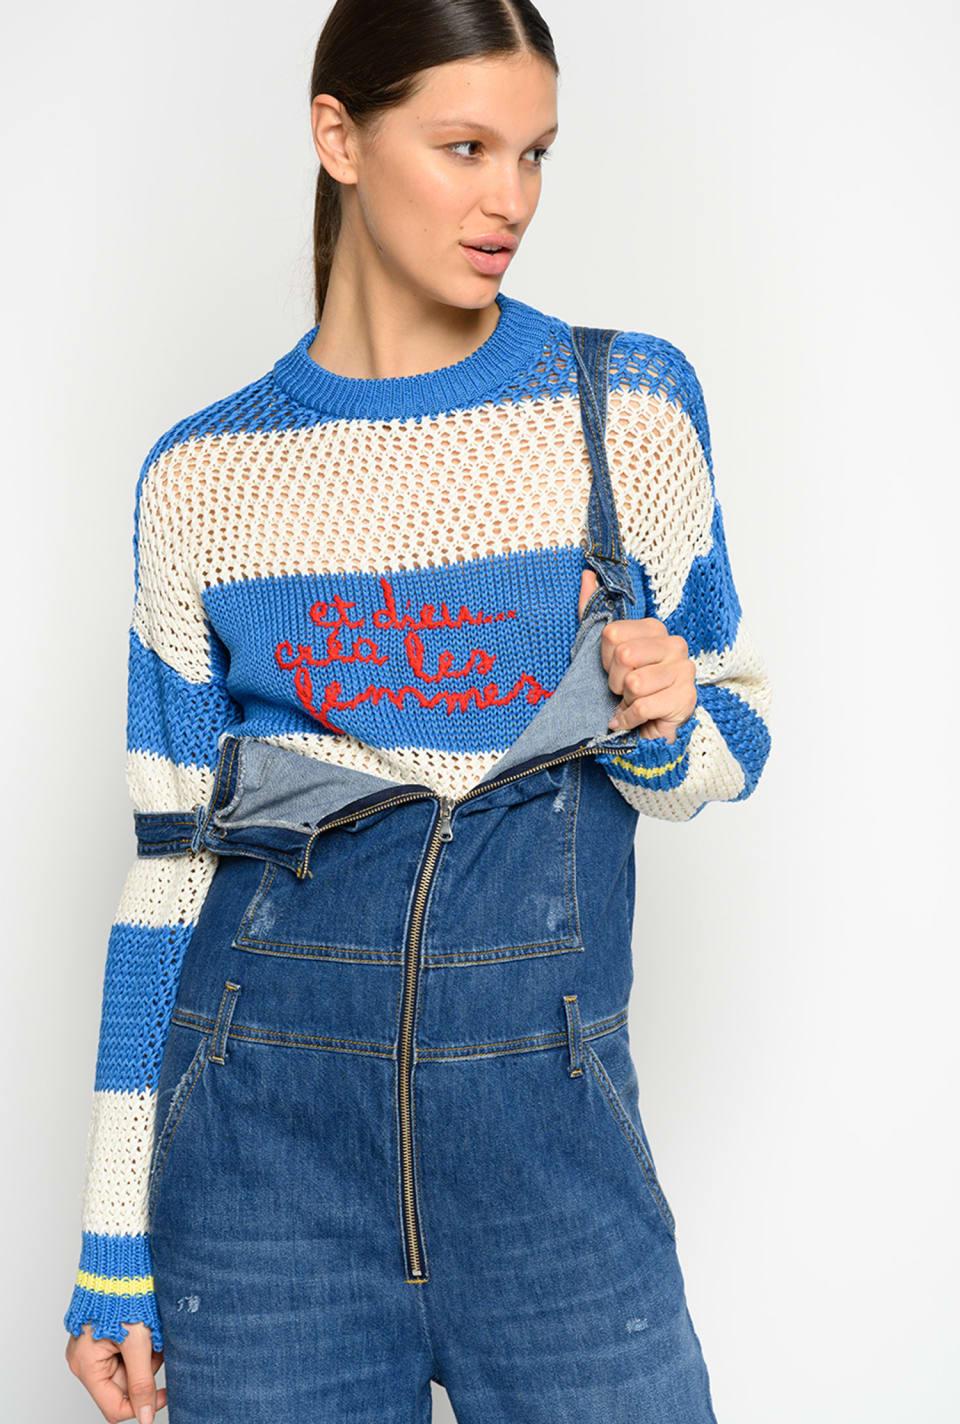 刺绣装饰条纹套头衫 - Pinko